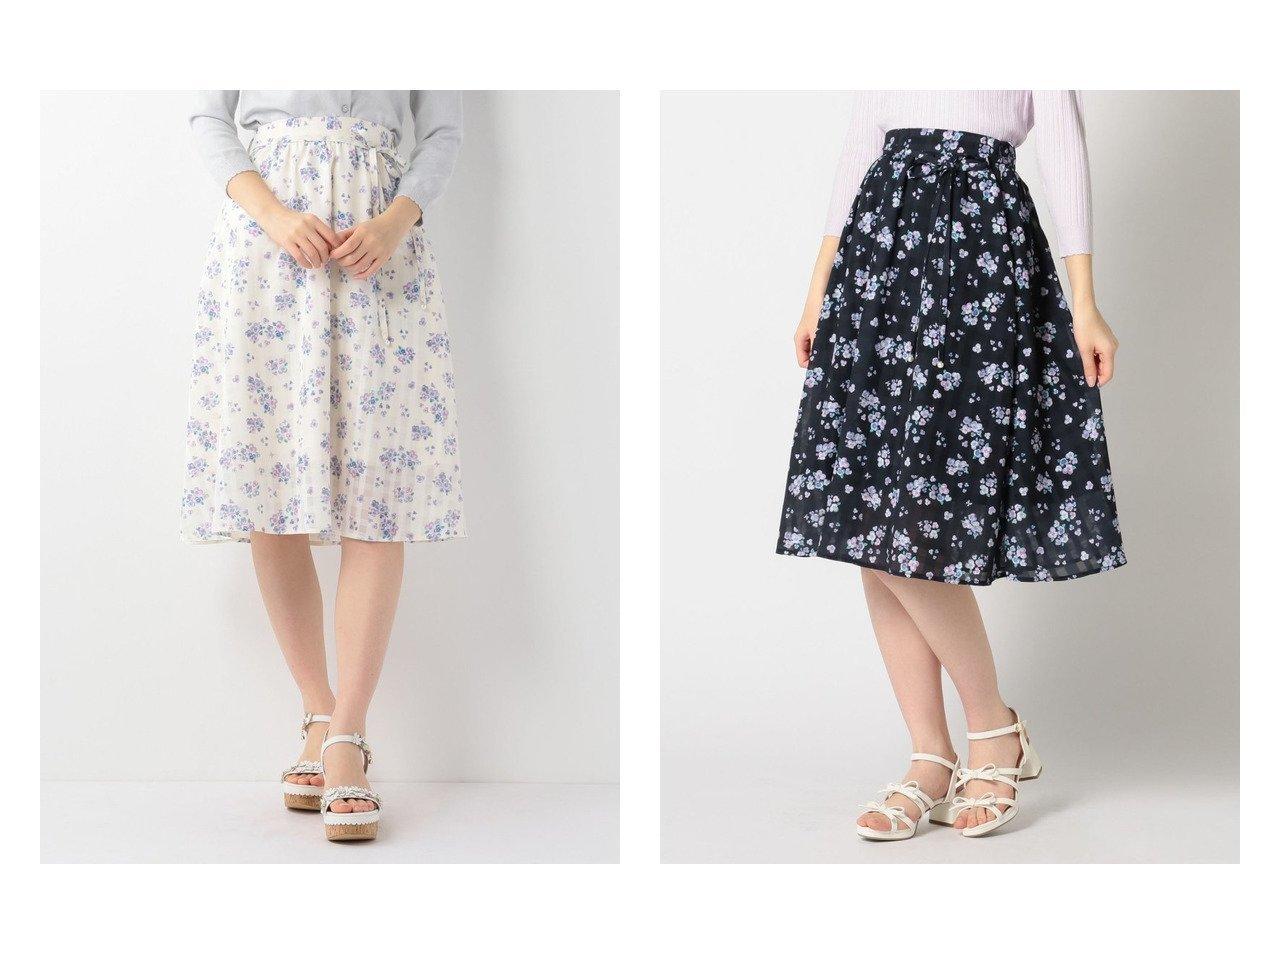 【LODISPOTTO/ロディスポット】のSweet Pansyフレアスカート 【スカート】おすすめ!人気、トレンド・レディースファッションの通販 おすすめファッション通販アイテム インテリア・キッズ・メンズ・レディースファッション・服の通販 founy(ファニー)  ファッション Fashion レディースファッション WOMEN スカート Skirt Aライン/フレアスカート Flared A-Line Skirts フレア フレアースカート リボン イエロー系 Yellow ブルー系 Blue |ID:crp329100000037624